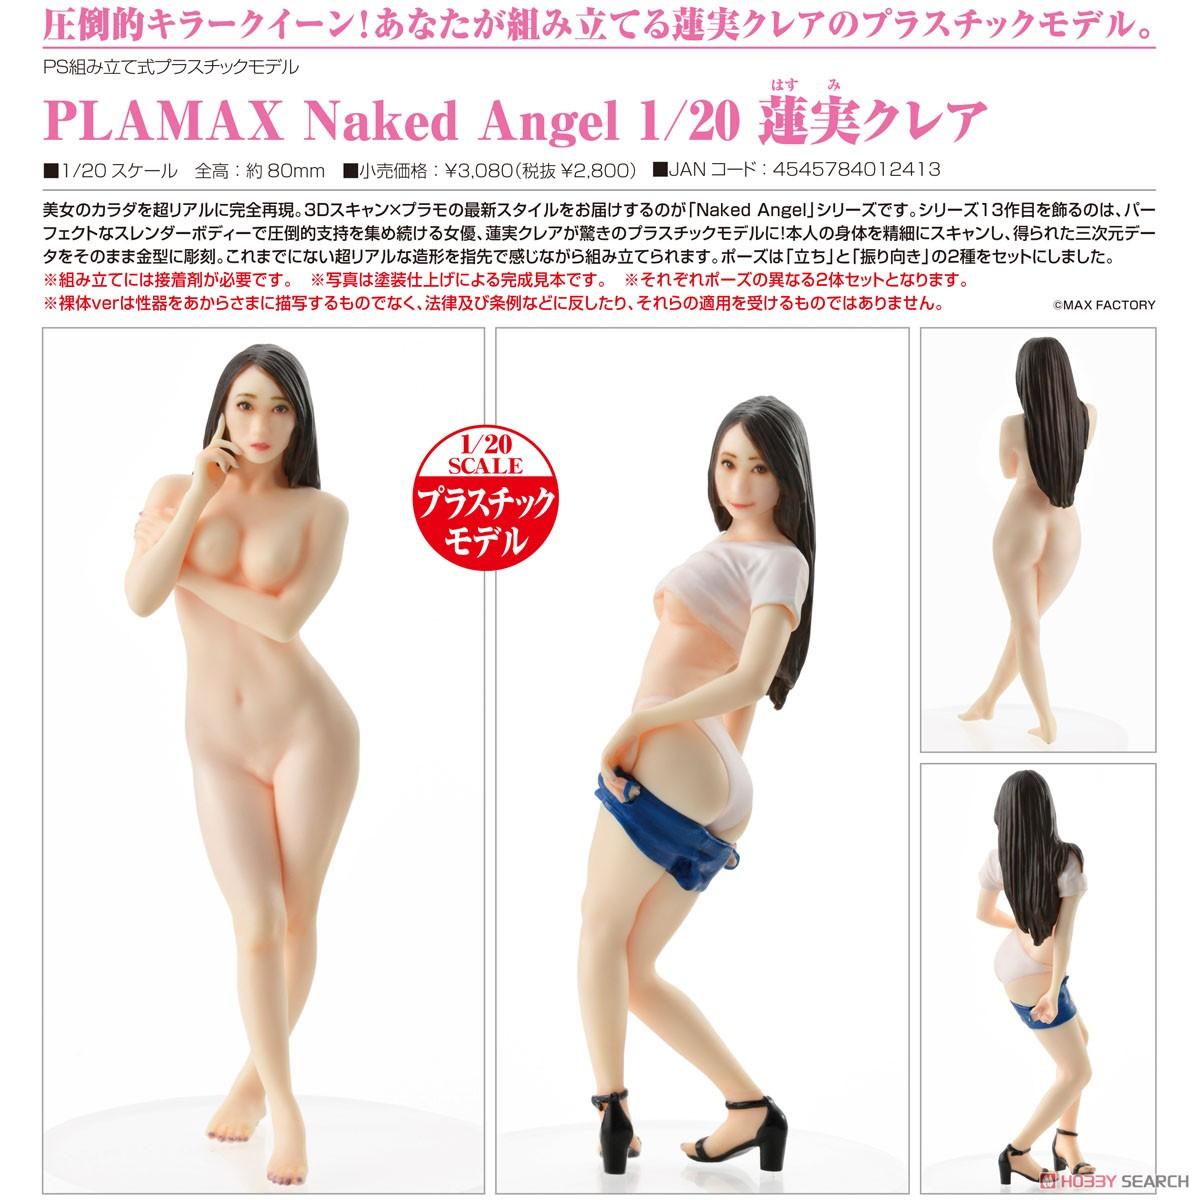 PLAMAX Naked Angel『蓮実クレア』1/20 プラモデル-005